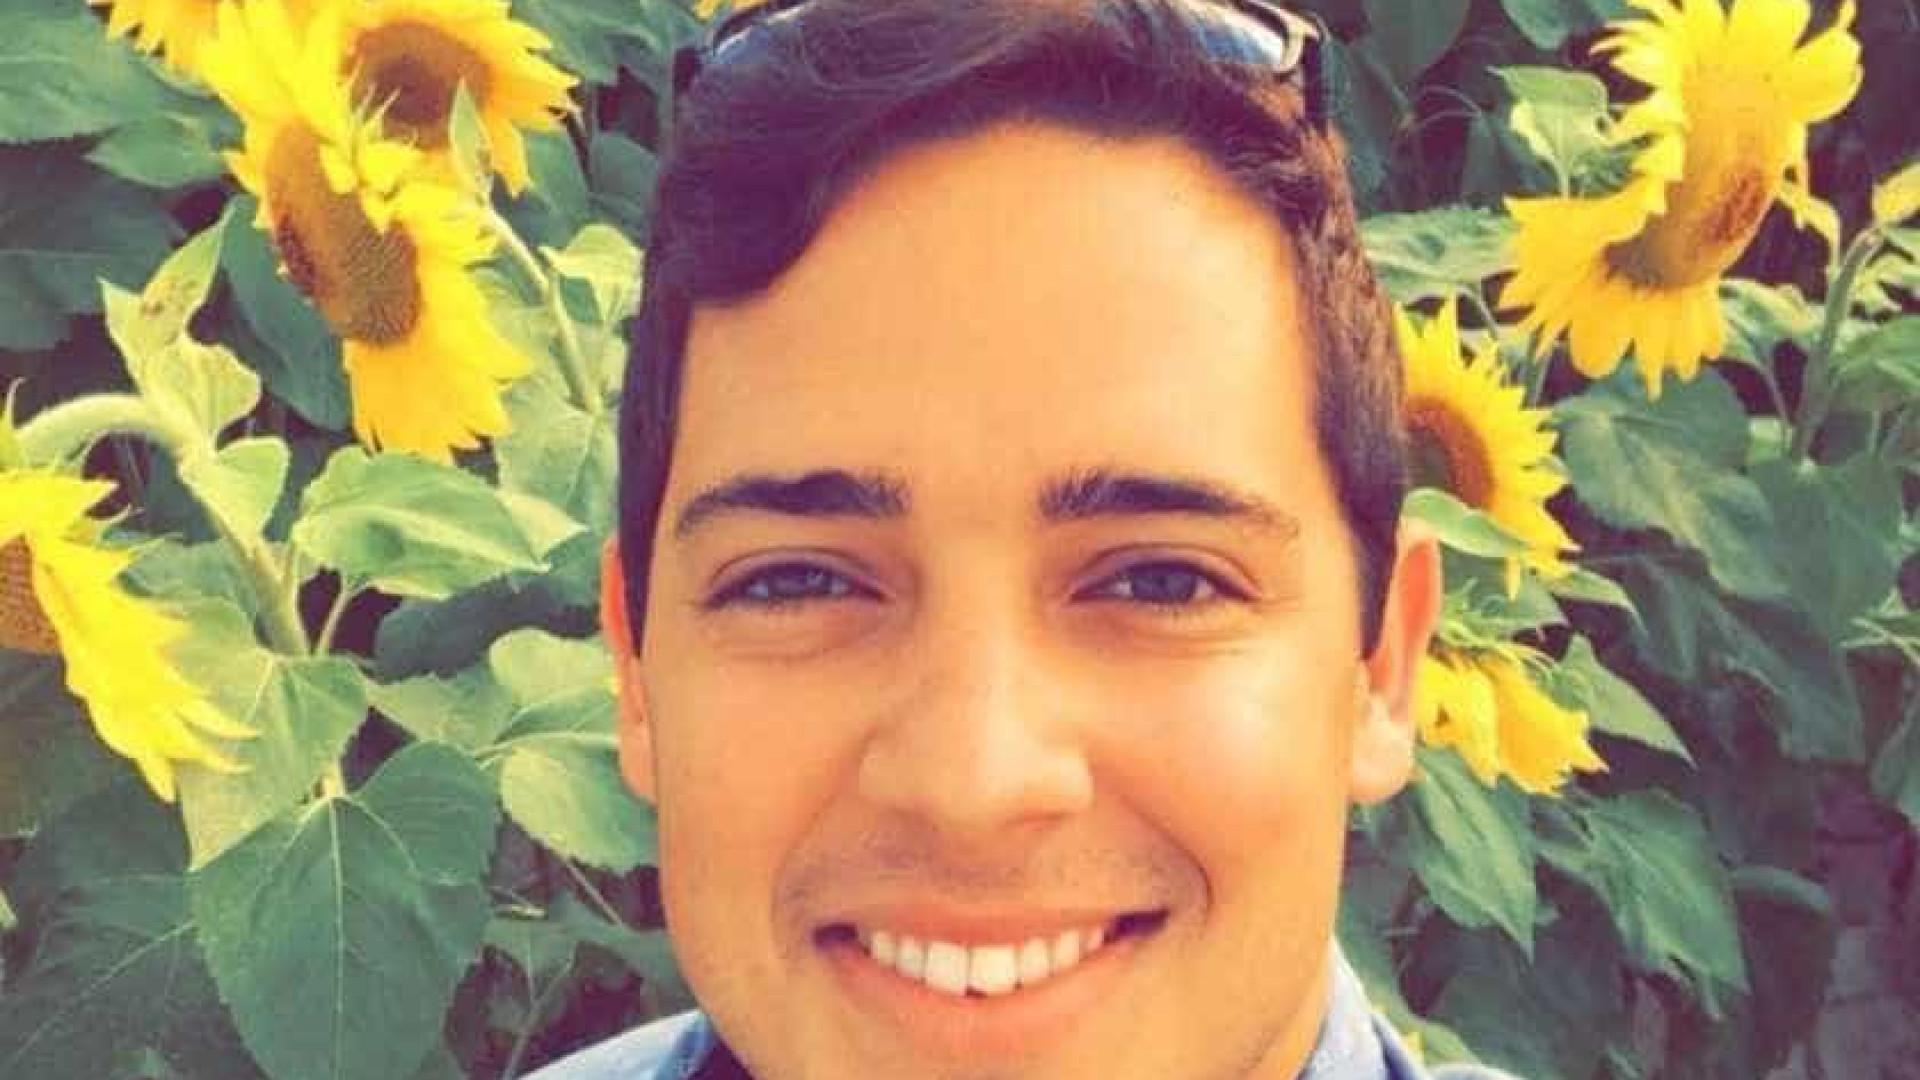 Brasileiro de 26 anos morre após ataque de tubarão em praia nos EUA